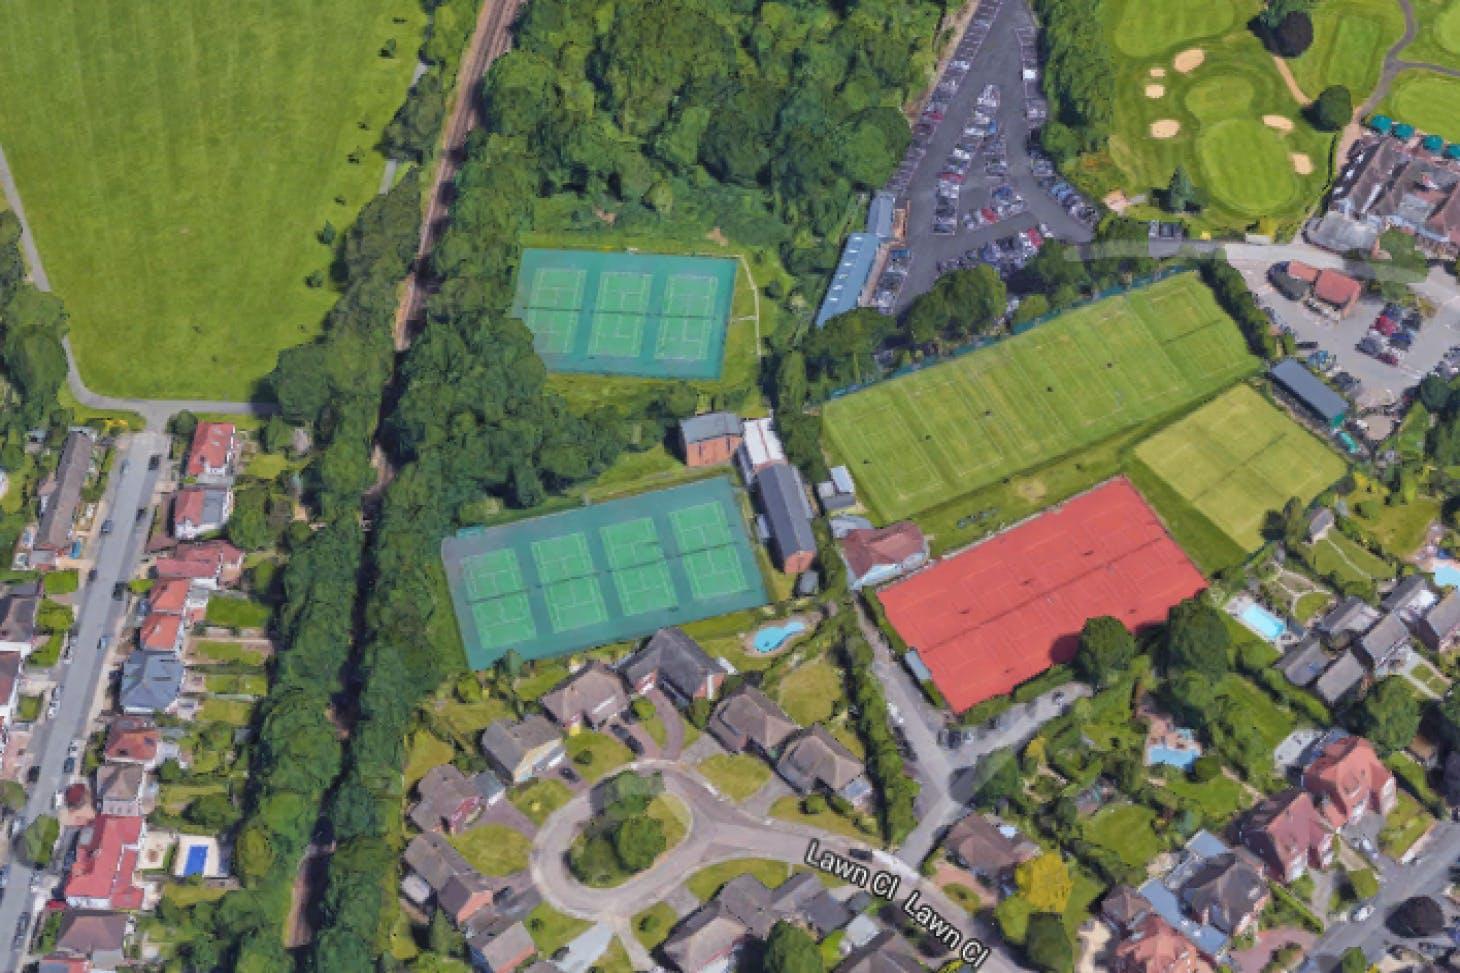 Sundridge Park Lawn Tennis & Squash Rackets Club Outdoor | Clay tennis court